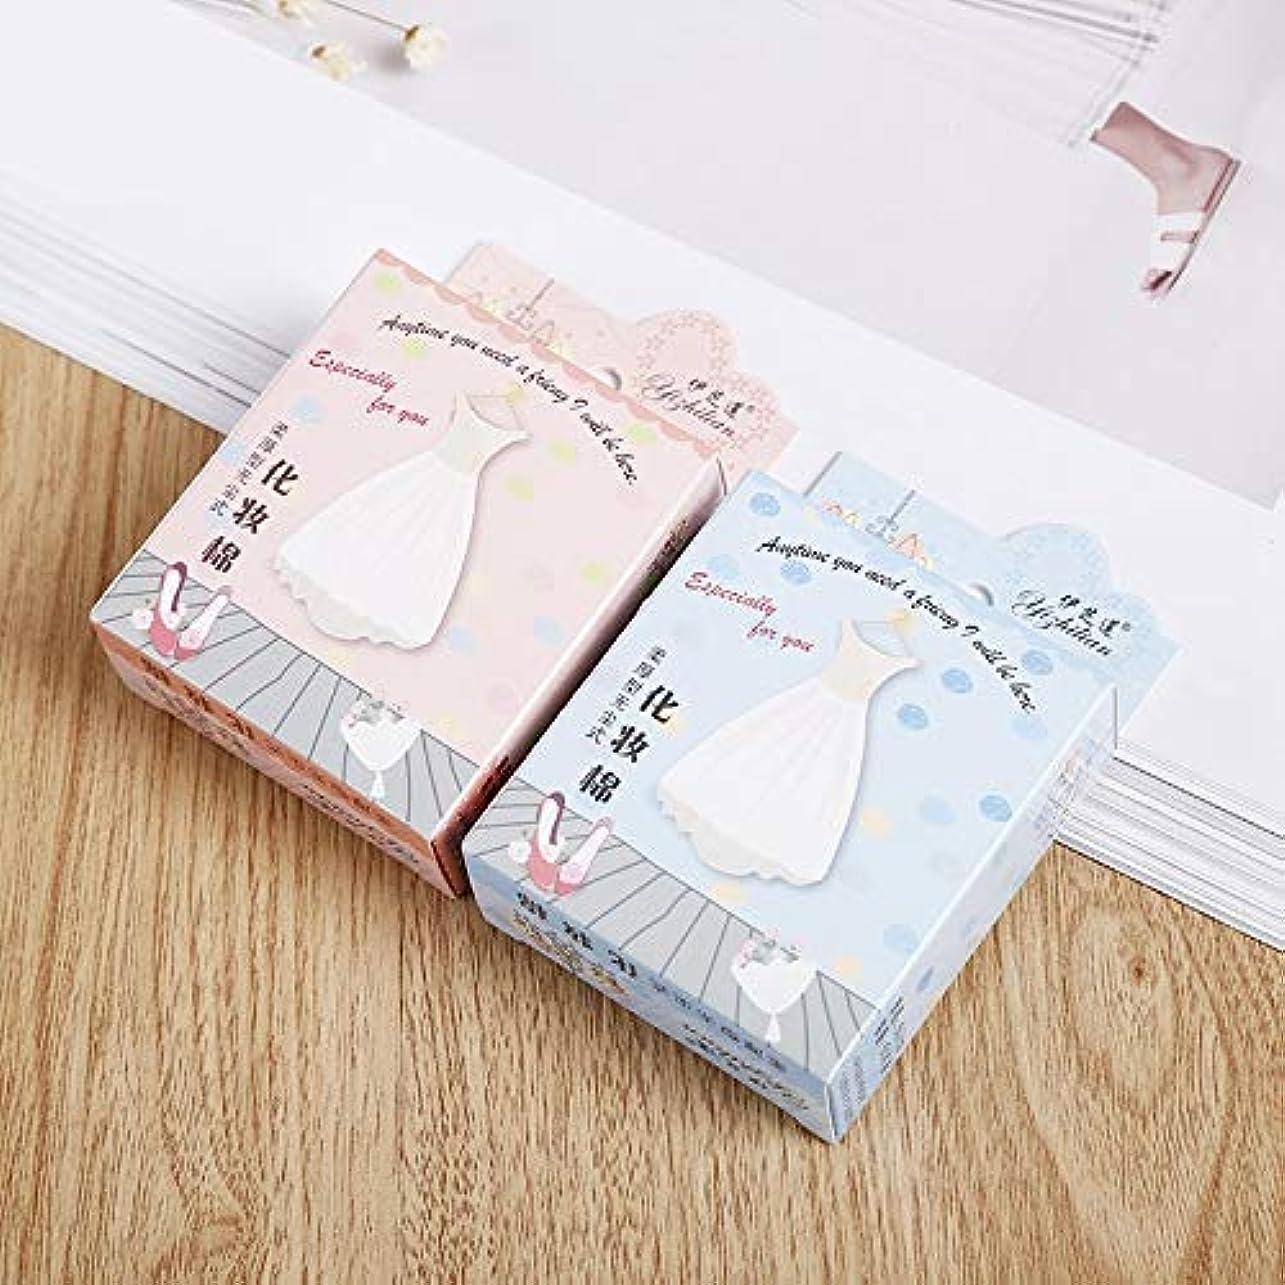 浸透する故意のアラブ人FHHVN 25箱販売の使い捨ての柔らかい薄い化粧フェイシャルコットンパフパッド、滑らかで柔らかいクッション保湿パウダー